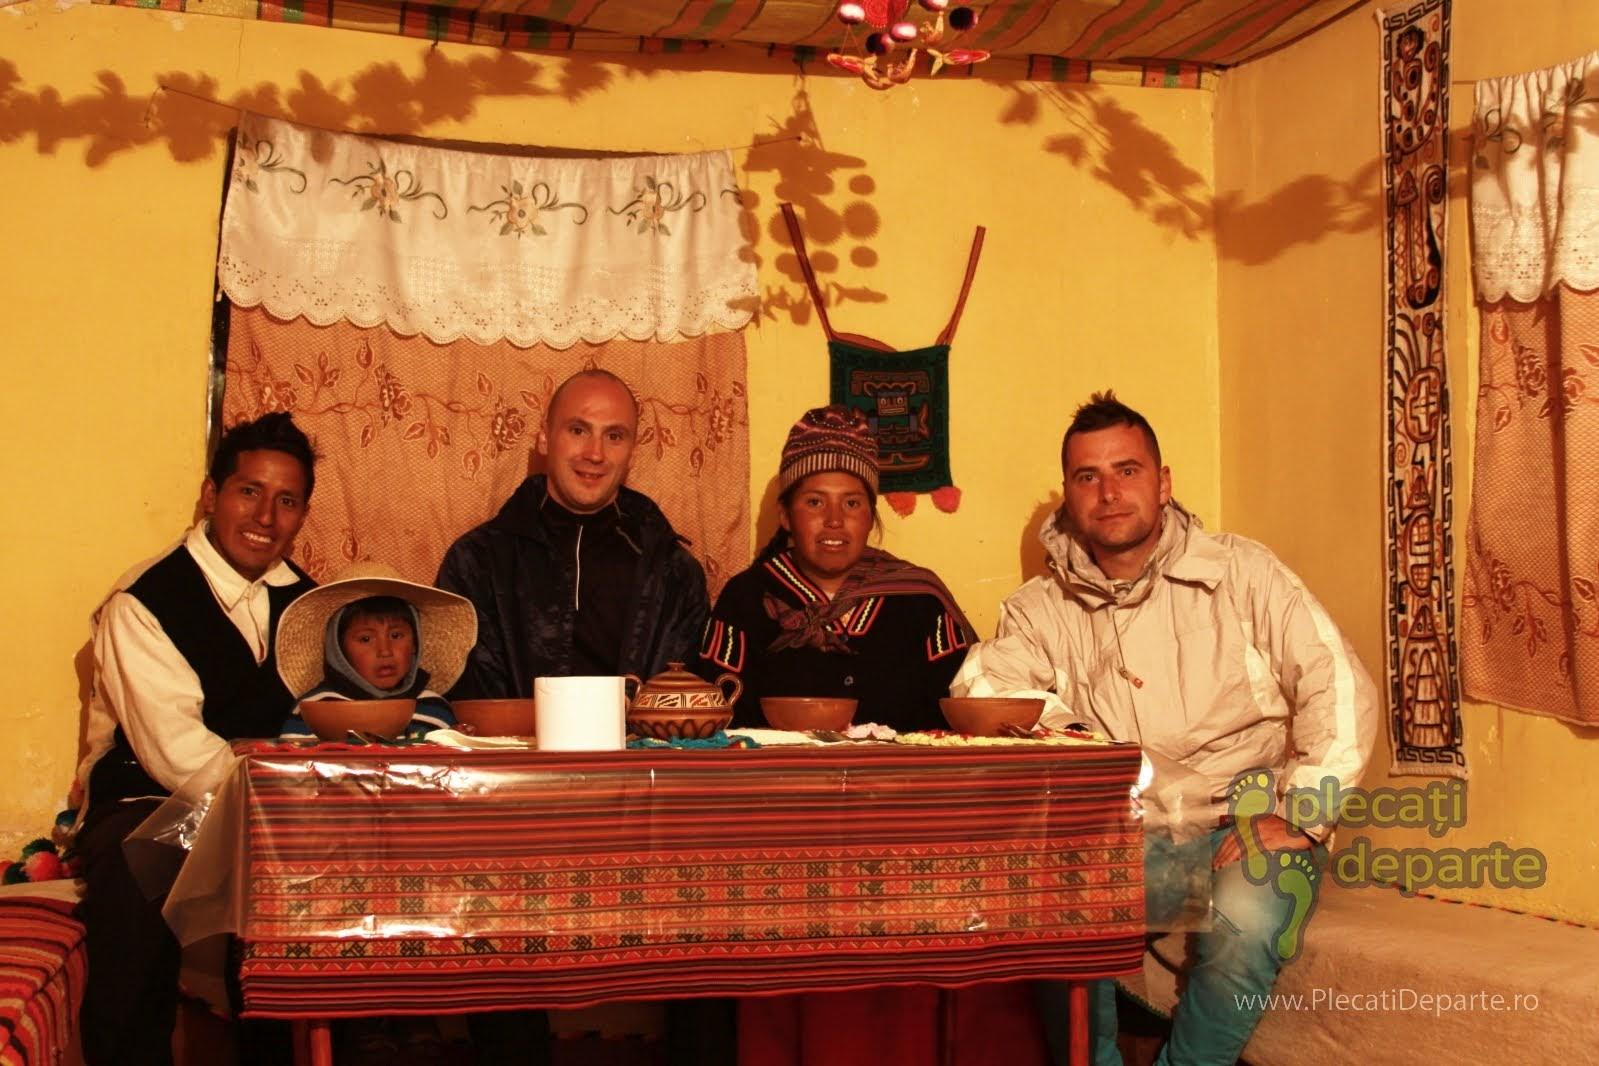 In casa cu familia la care am stat in gazda in Laquina Chico, pe malul Lacului Titicaca, la 4000m